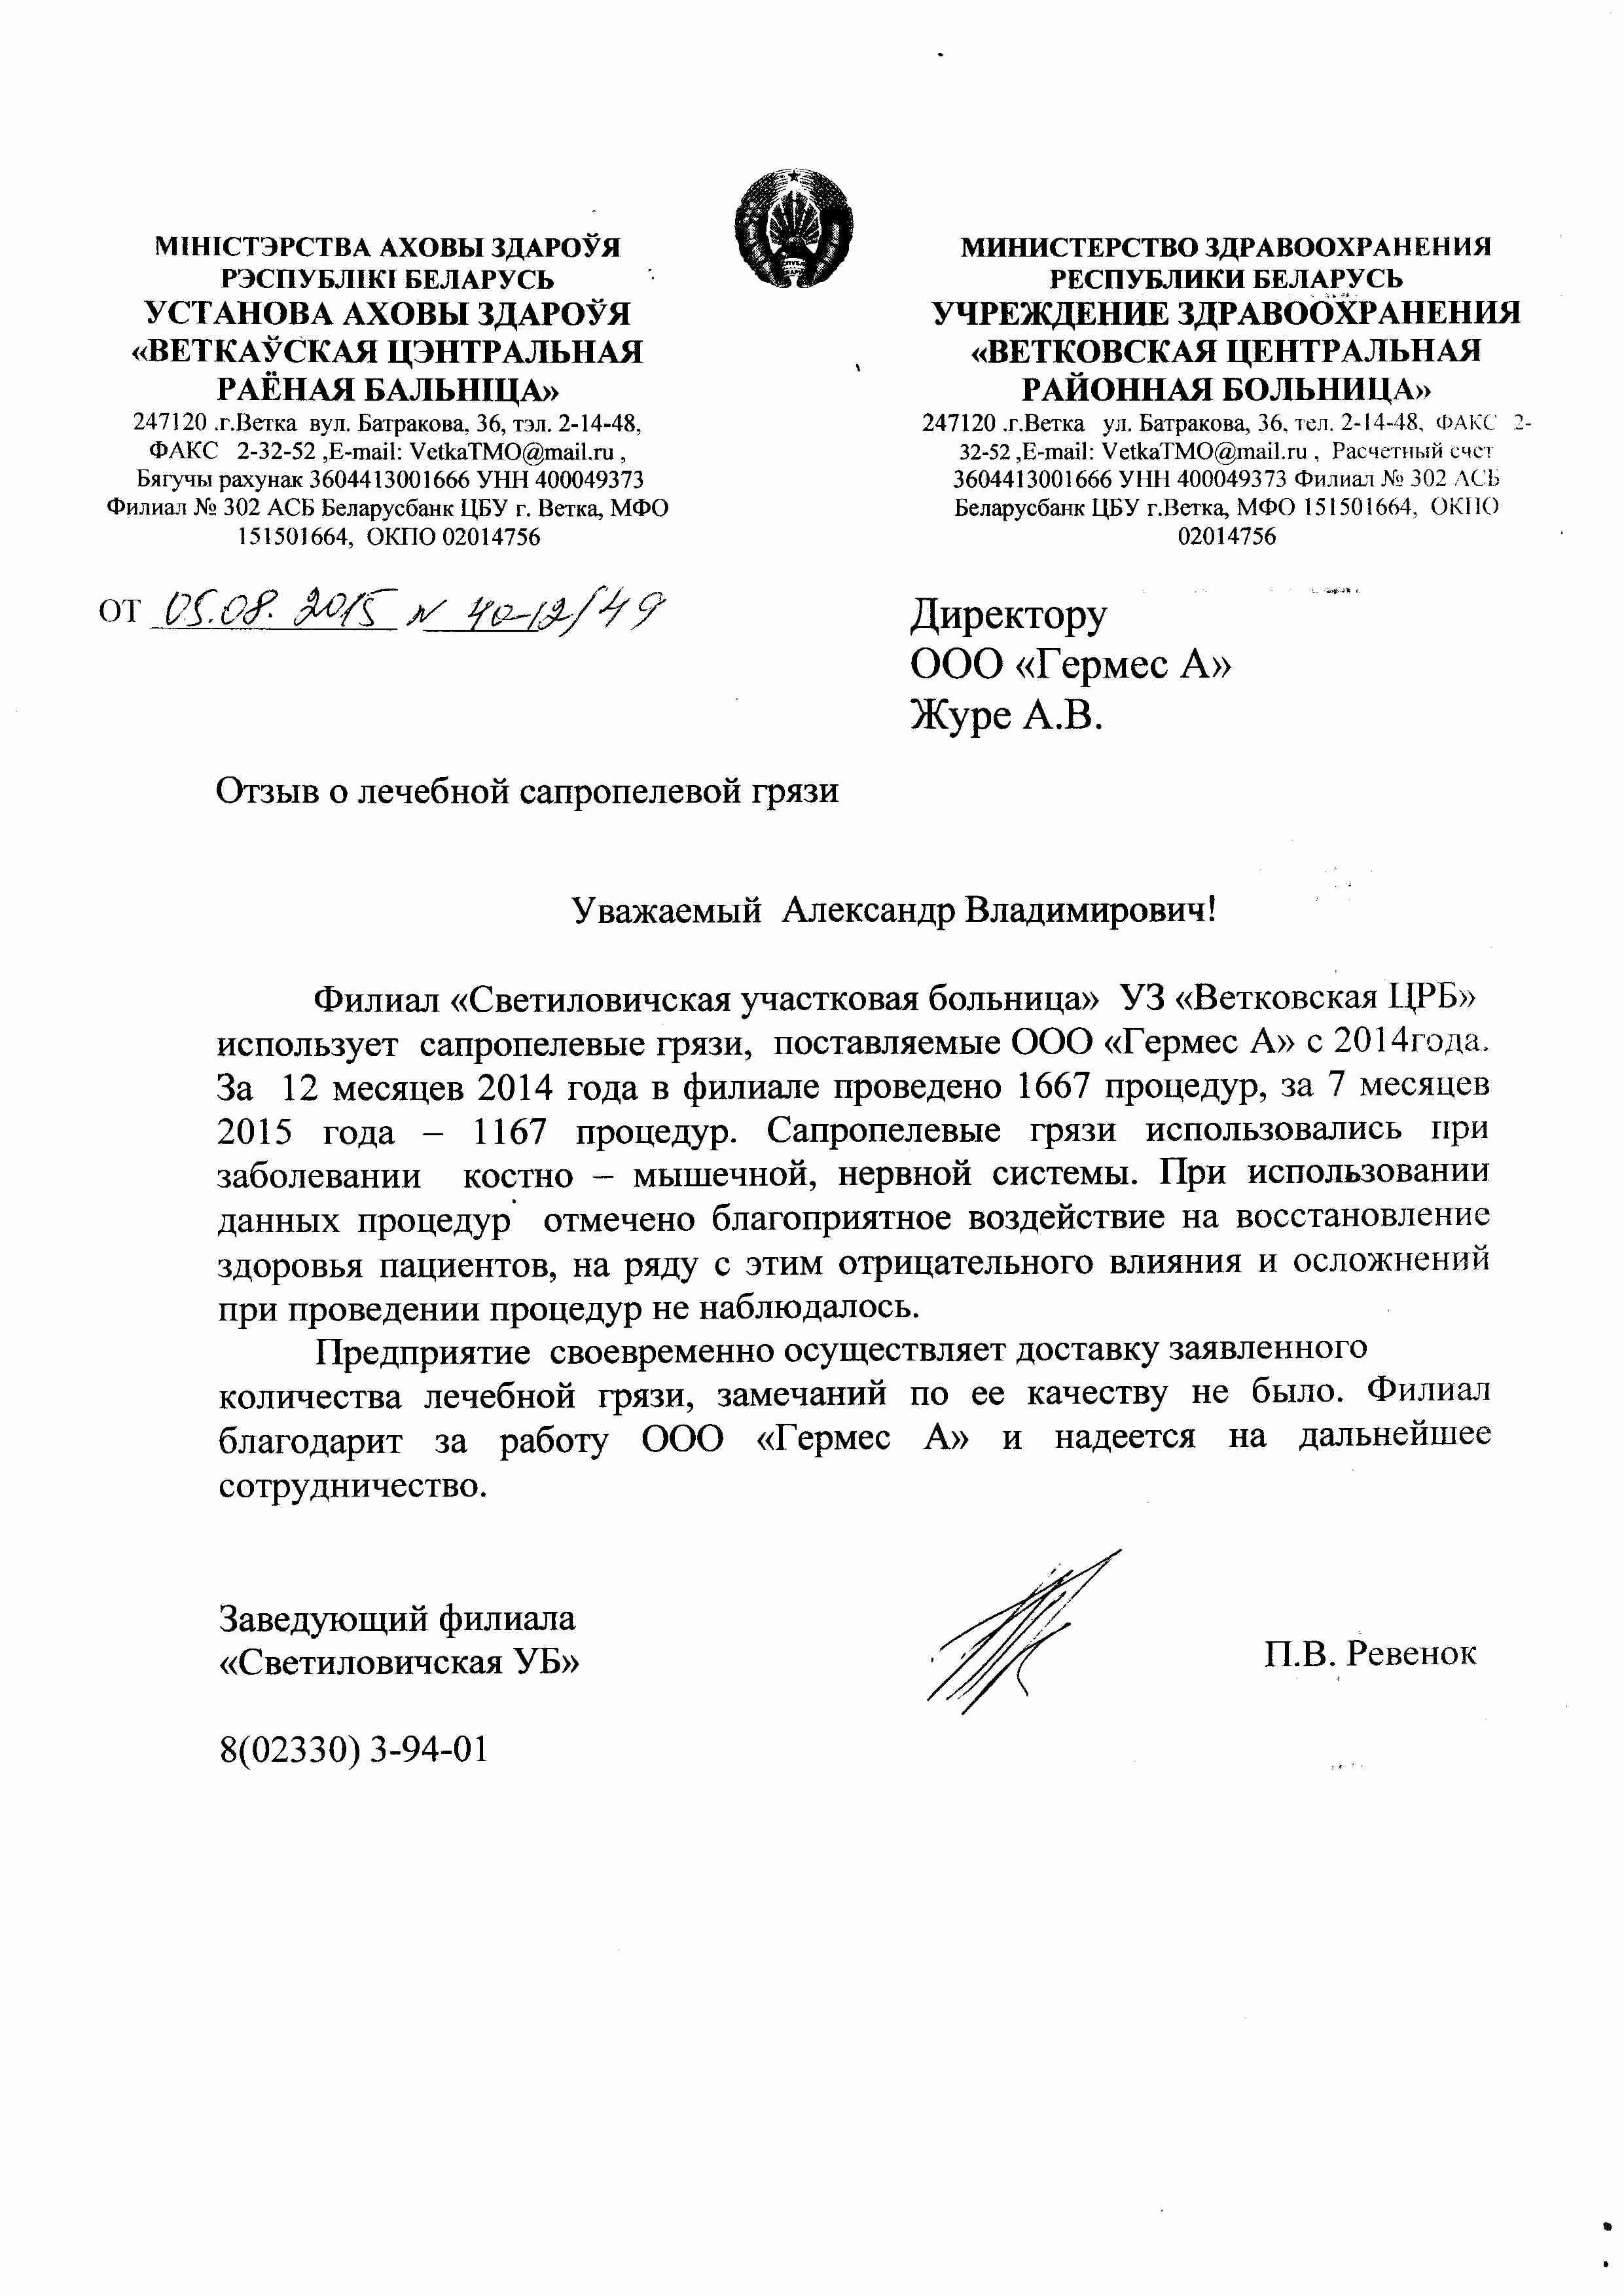 Отзыв ветковской центральной районной больницы о использовании грязи лечебной Приднепровской